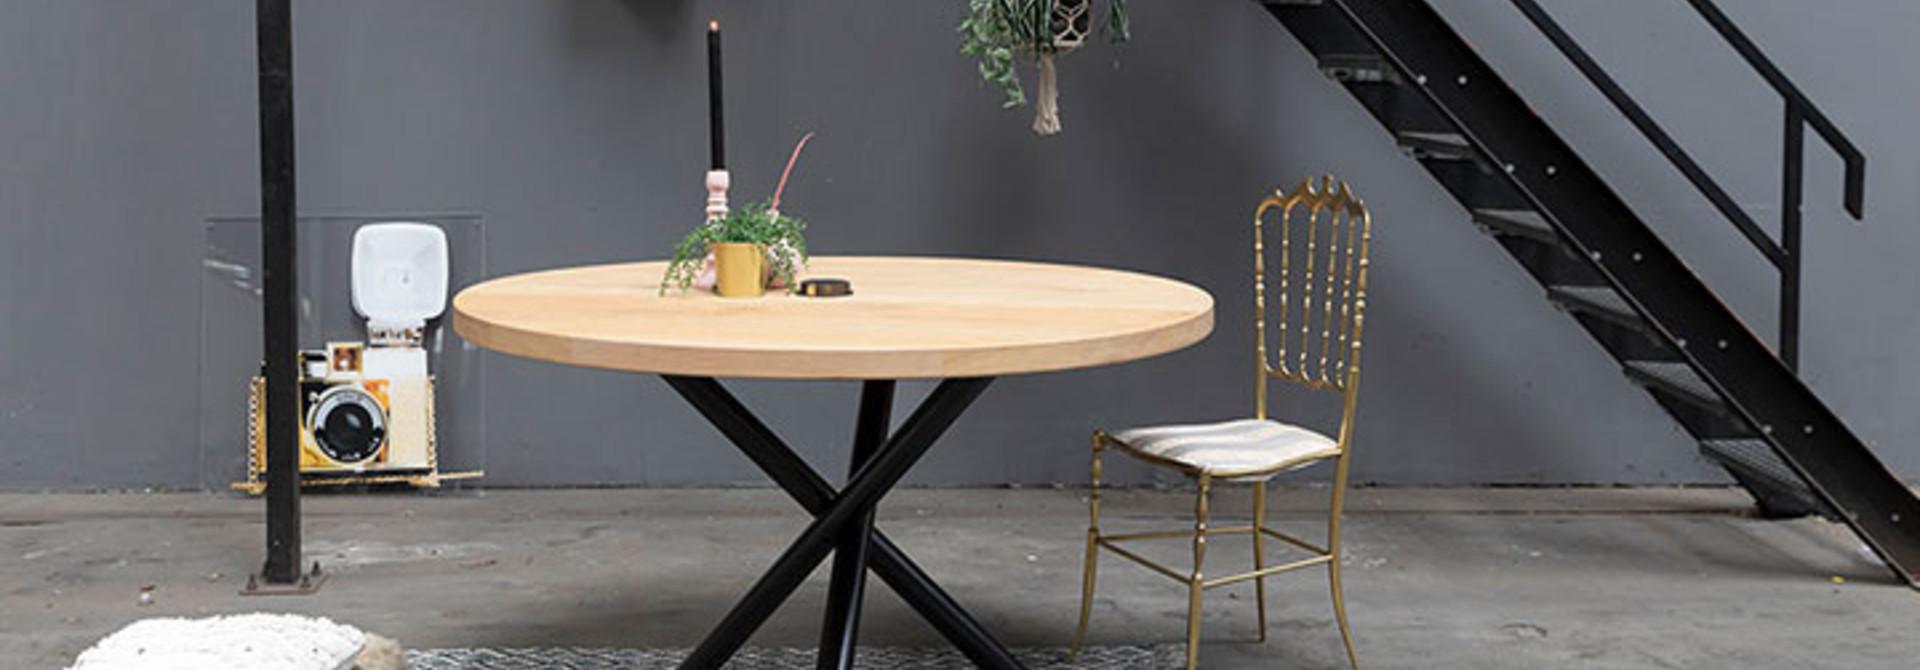 Tafelonderstellen ronde tafels